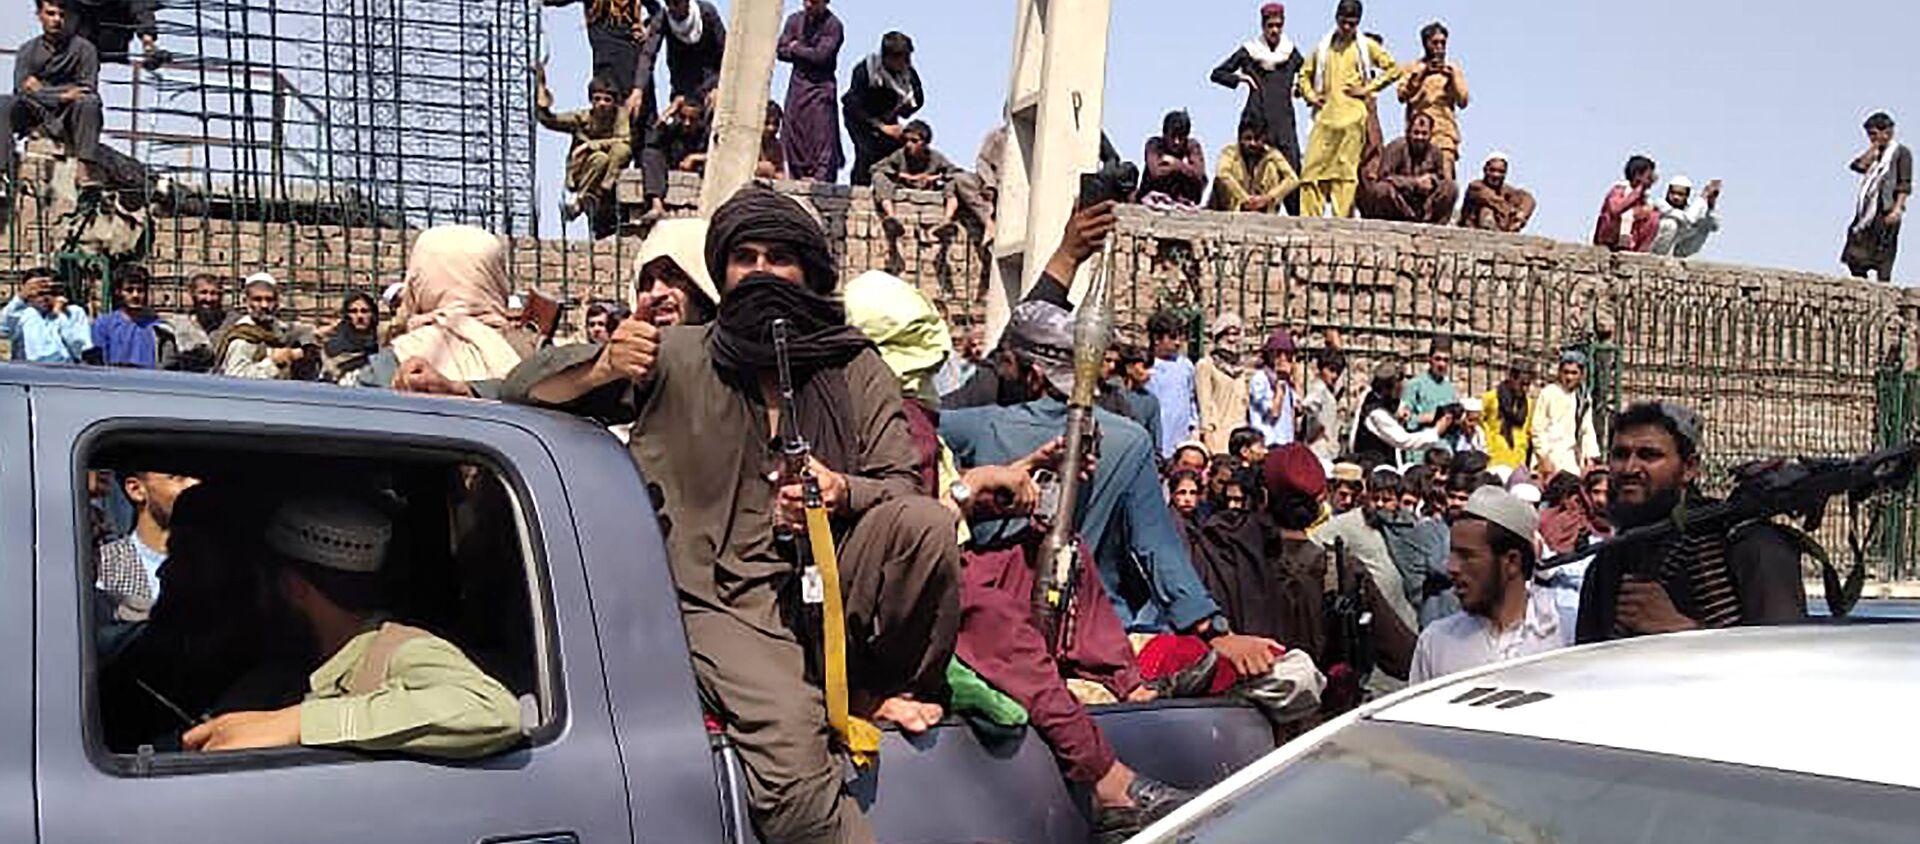 Các chiến binh Taliban ngồi trên một chiếc xe dọc theo đường phố ở tỉnh Jalalabad ngày 15/8/2021. - Sputnik Việt Nam, 1920, 18.08.2021